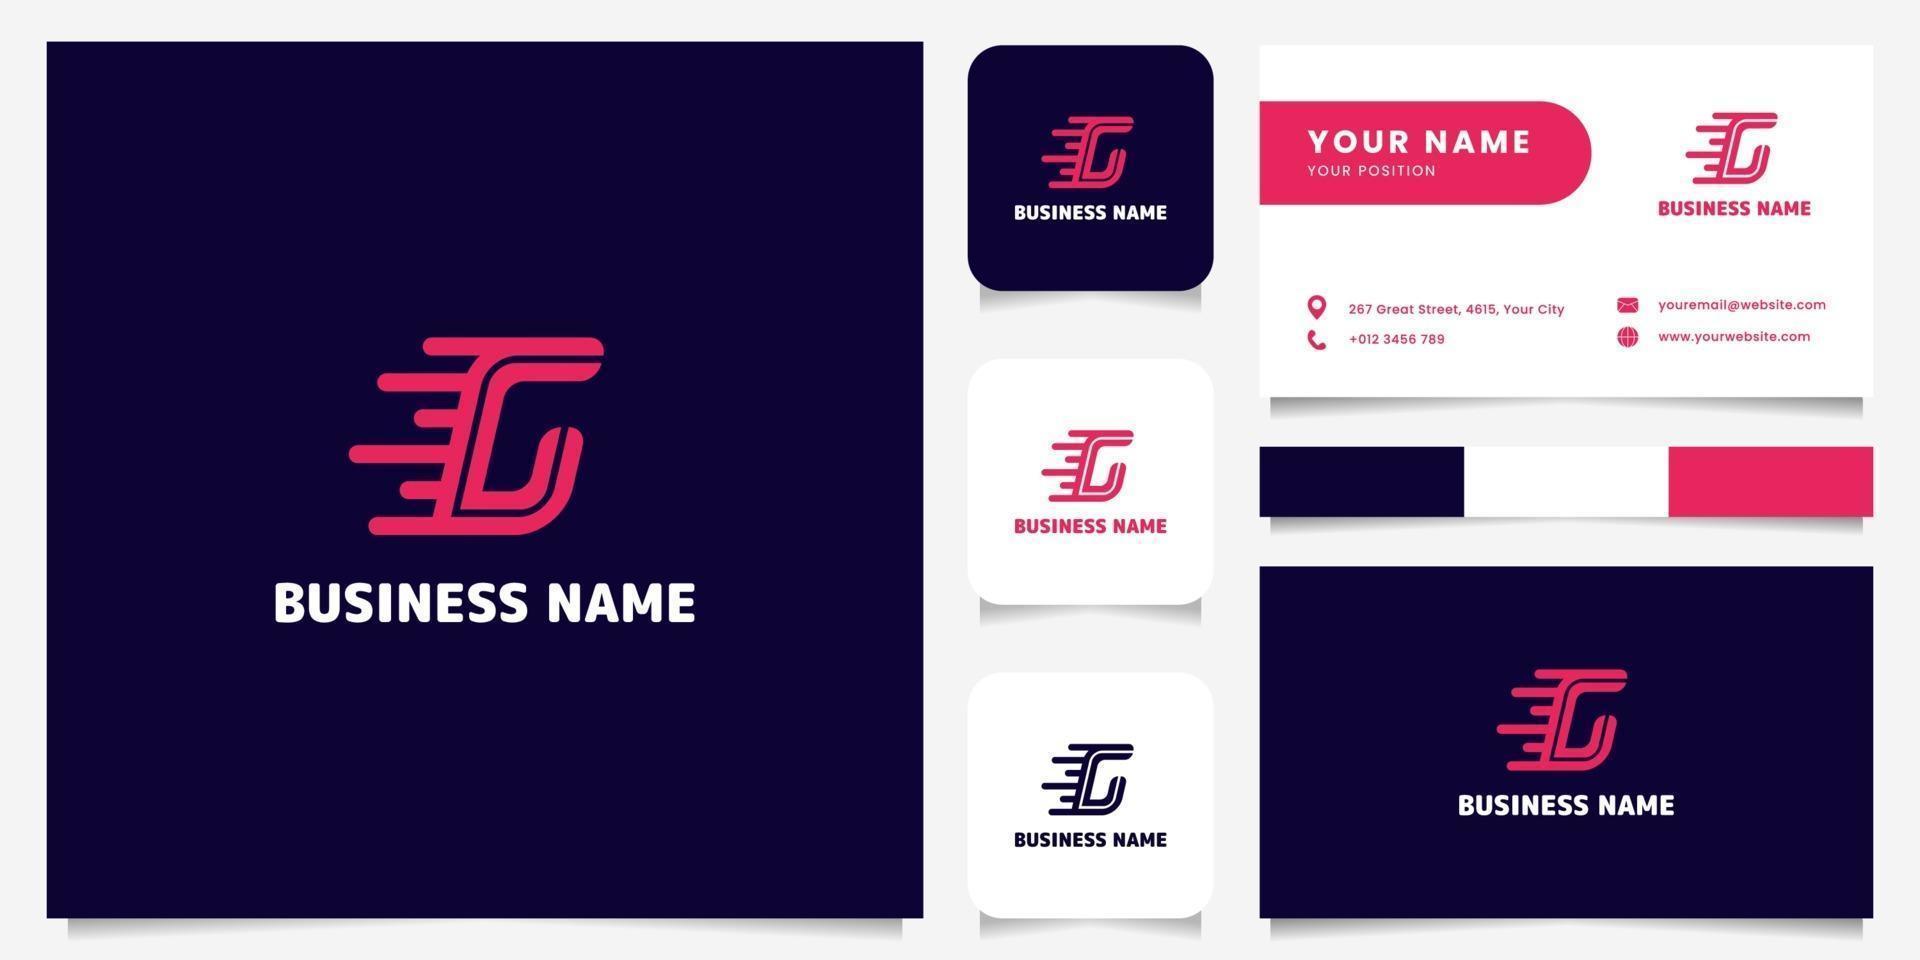 Logotipo de velocidade simples e minimalista rosa brilhante letra g em fundo escuro logotipo com modelo de cartão de visita vetor